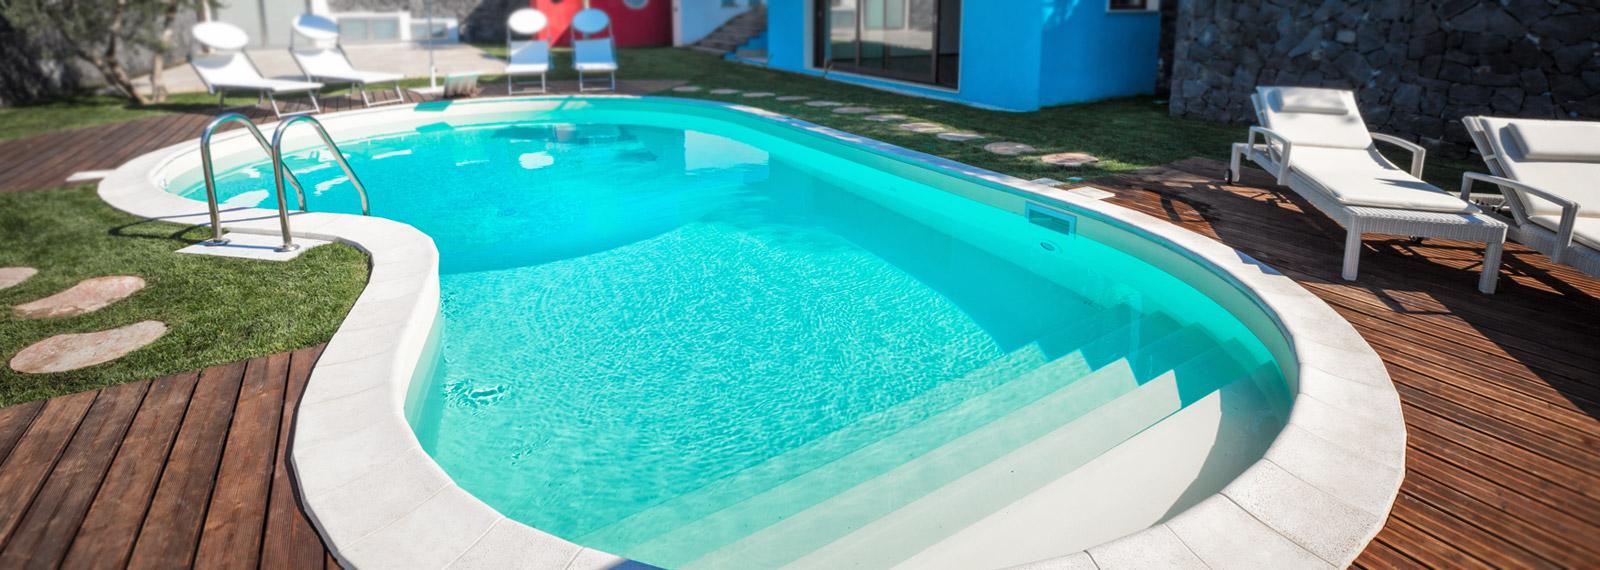 Piscine castiglione costruzione piscine interrate dal 1961 - Ipoclorito di calcio per piscine ...